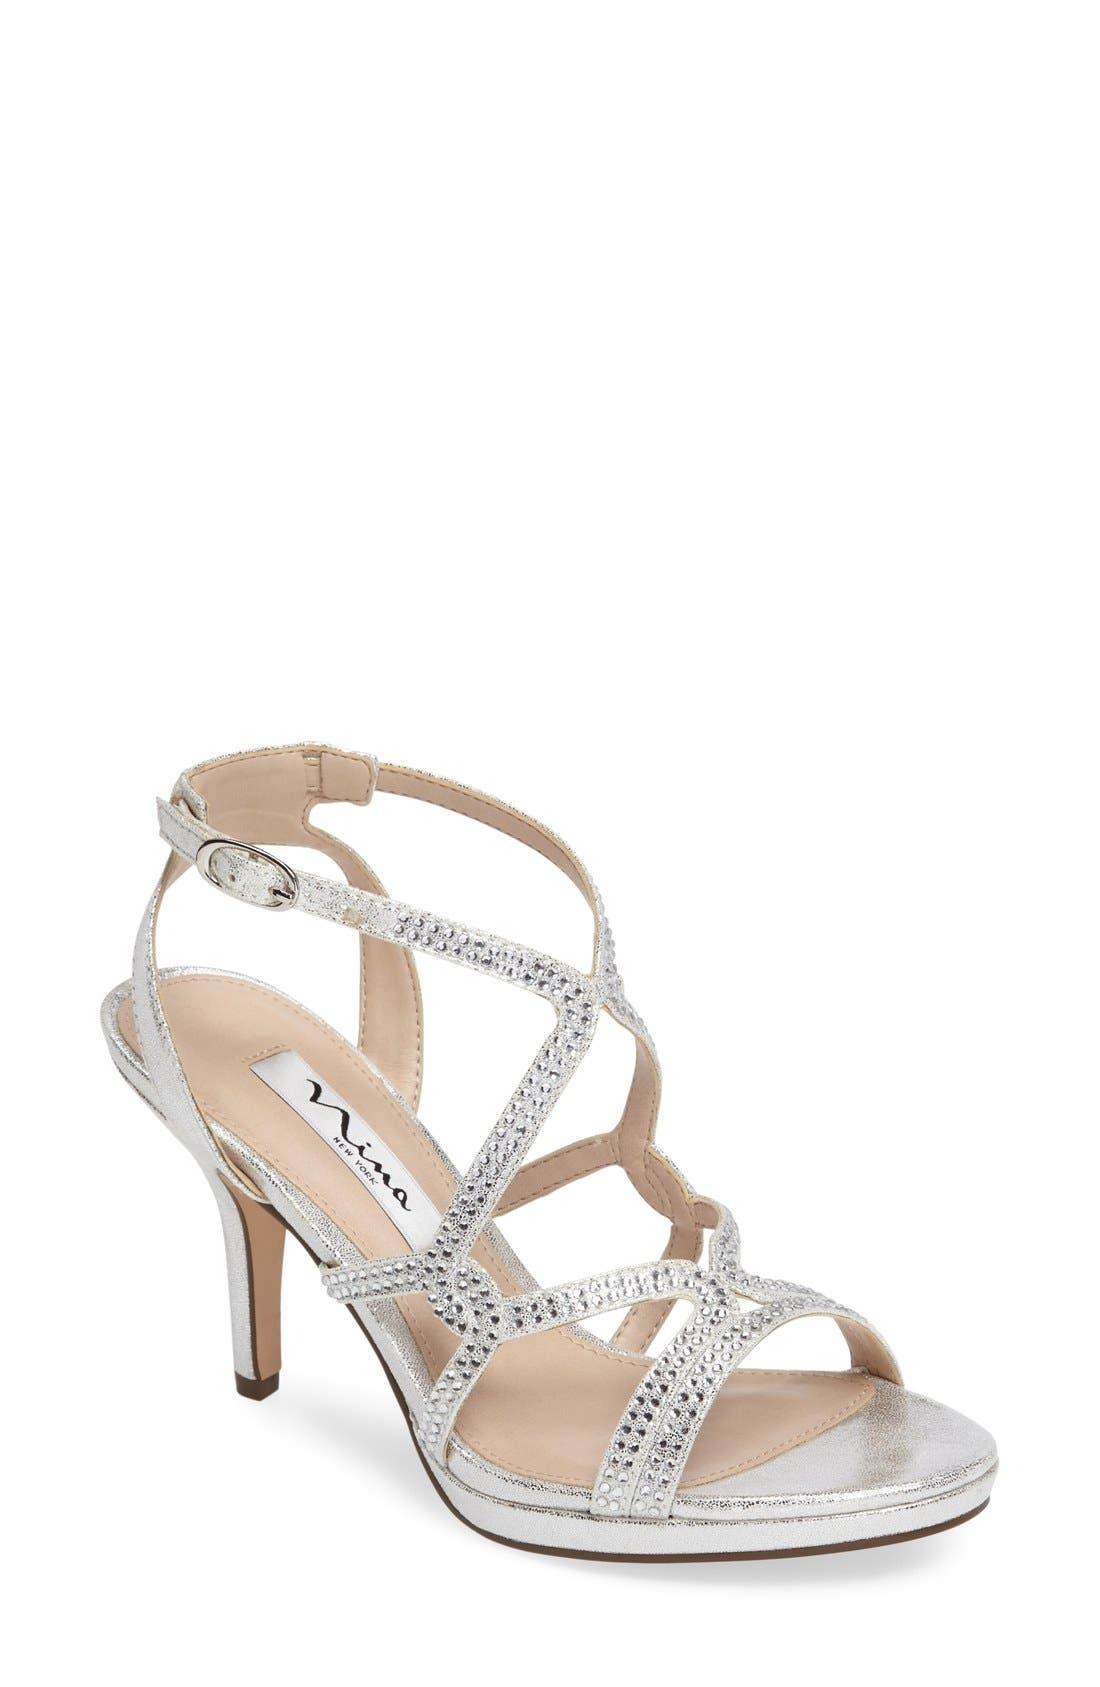 Varsha Crystal Embellished Evening Sandal,                         Main,                         color, 041